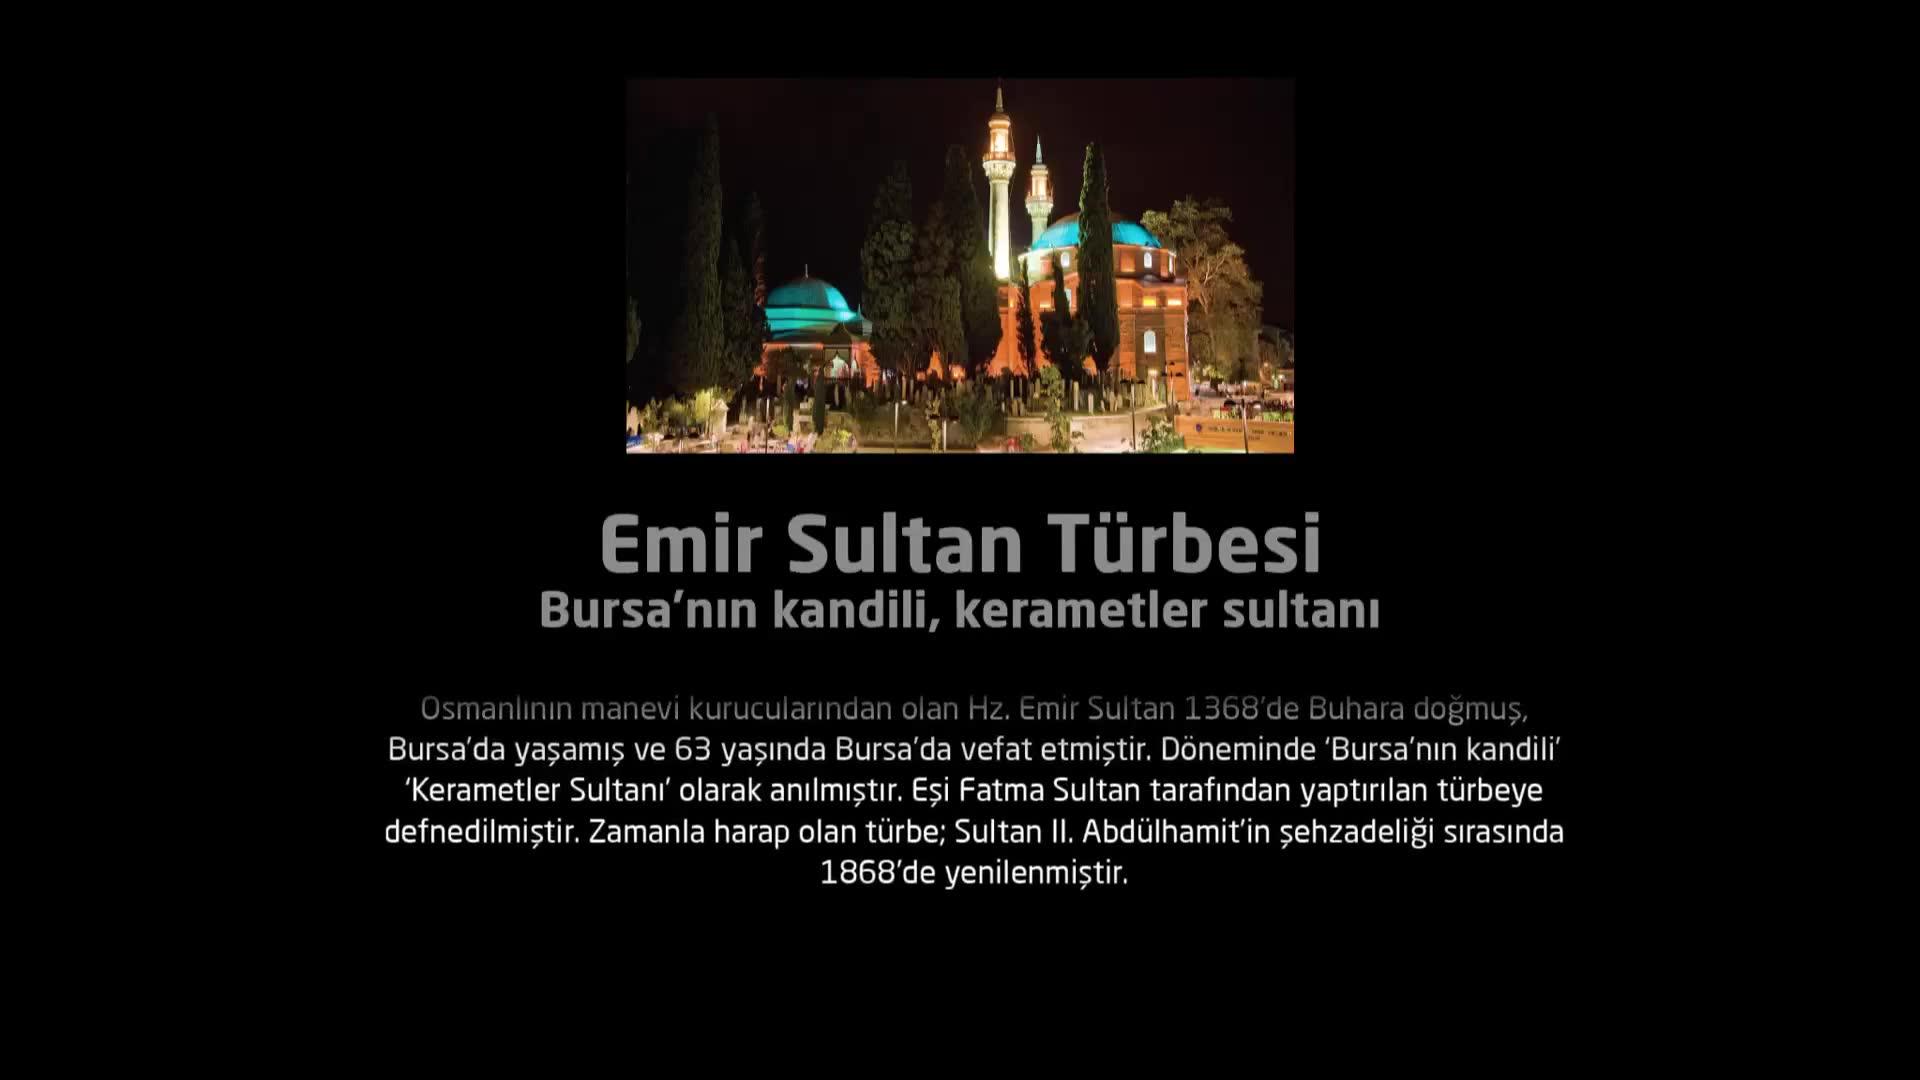 EMİR SULTAN TÜRBESİ